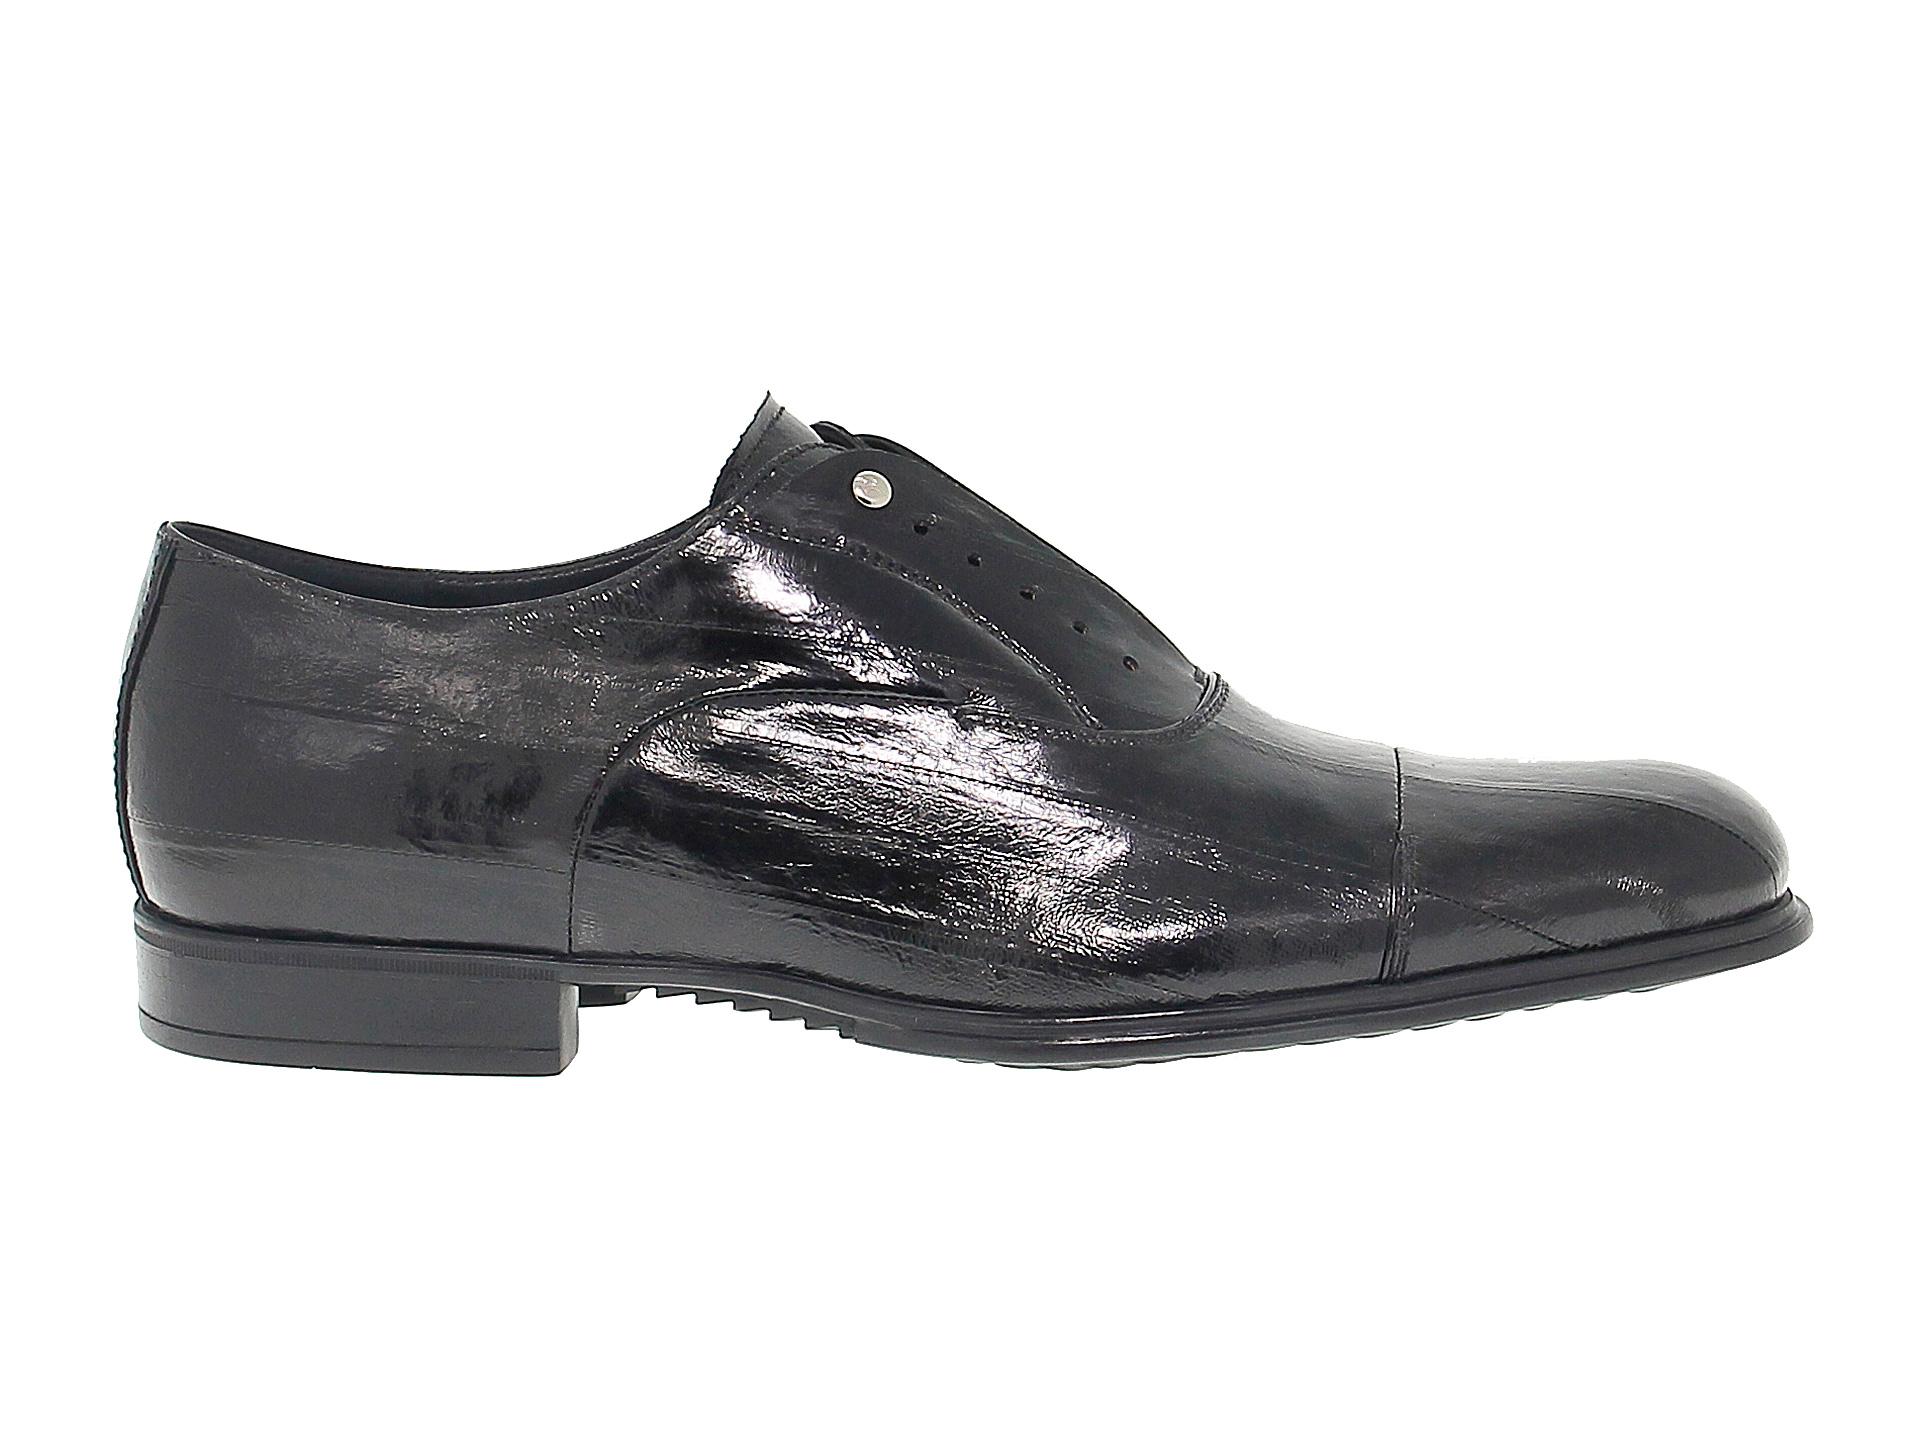 À Paciotti Chaussures Lacets À Lacets Cesare Cesare Paciotti Chaussures sdCBtxhQr